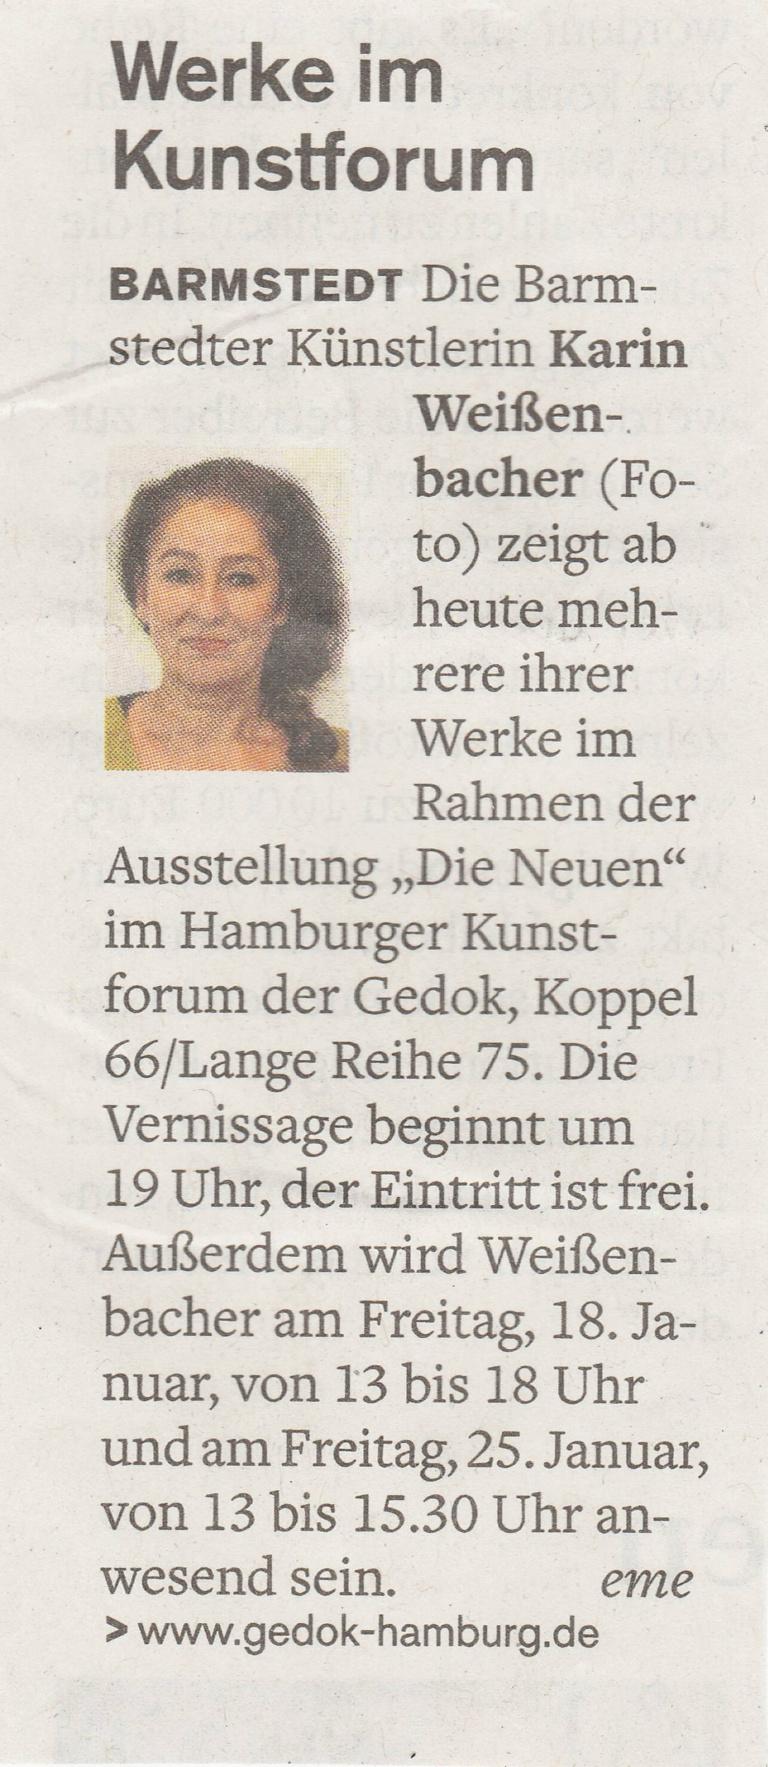 09.01.2019 Ausstellung im Kunstforum Elisabeth Meyer, Barmstedter Zeitung, Pinneberger Tageblatt Ausstellung im Kunstforum